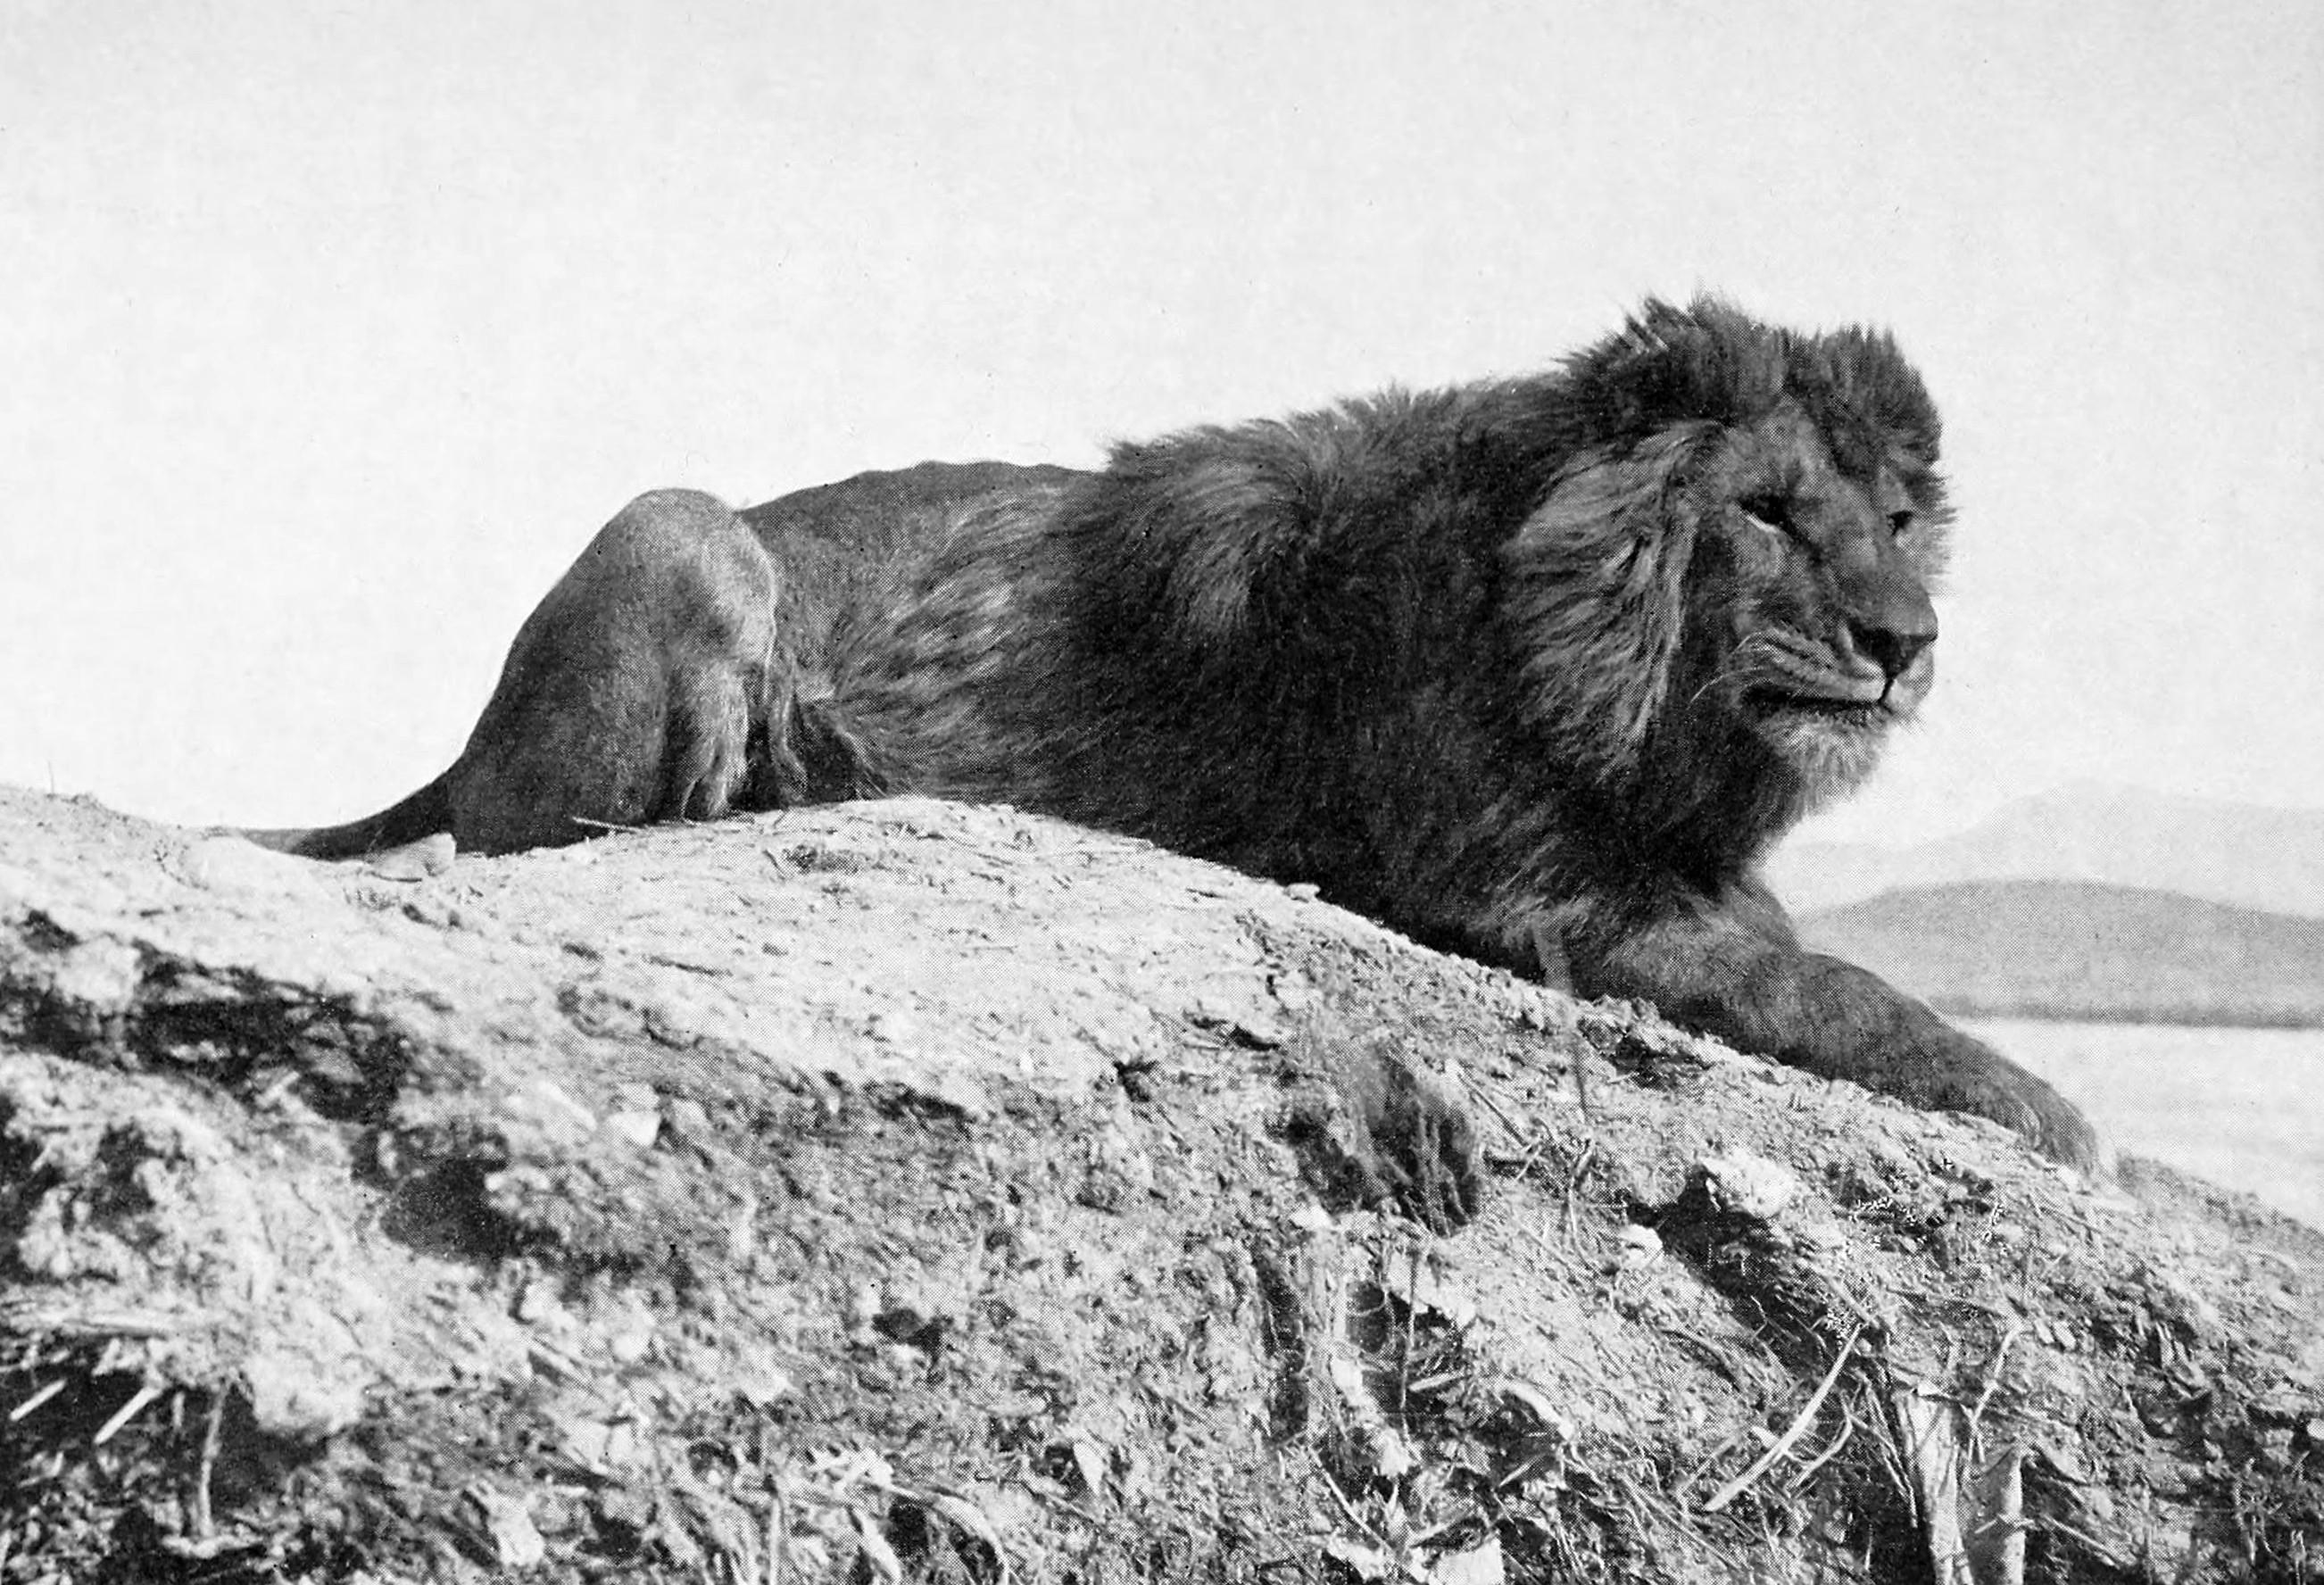 Os leões-do-atlas habitavam o Norte da África até a primeira metade do século 20. (Foto: Wikimedia Commons)